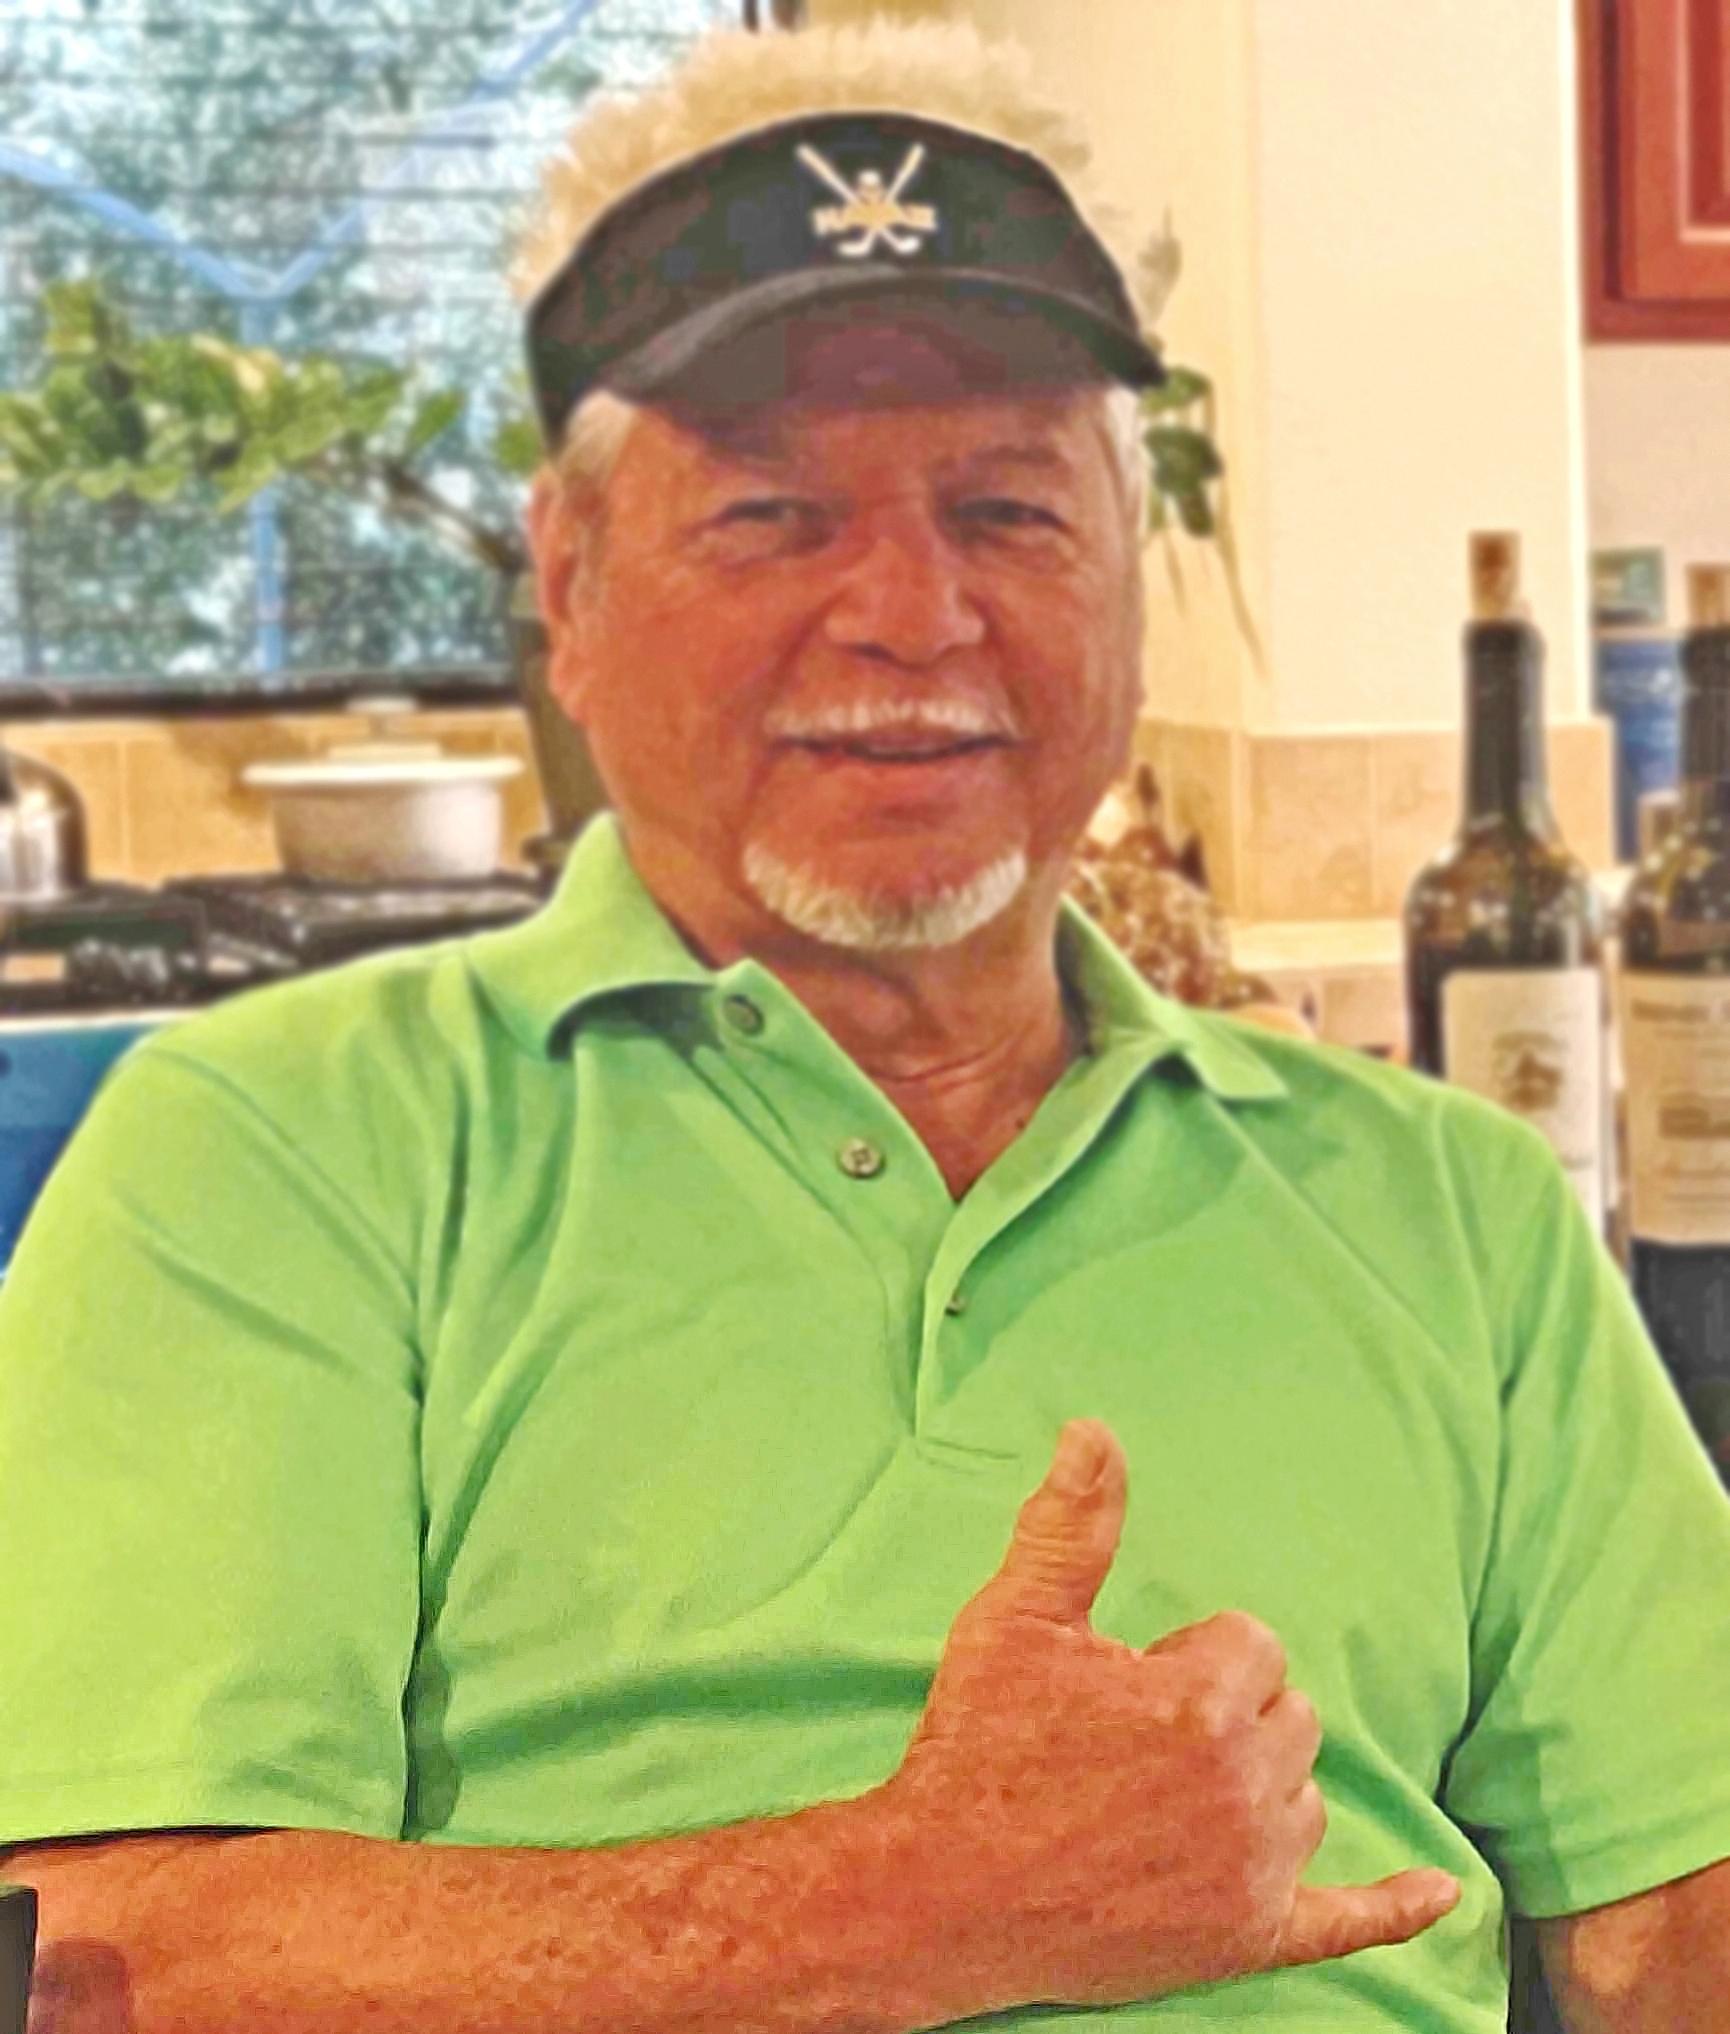 PAUL CARL TEXEIRA